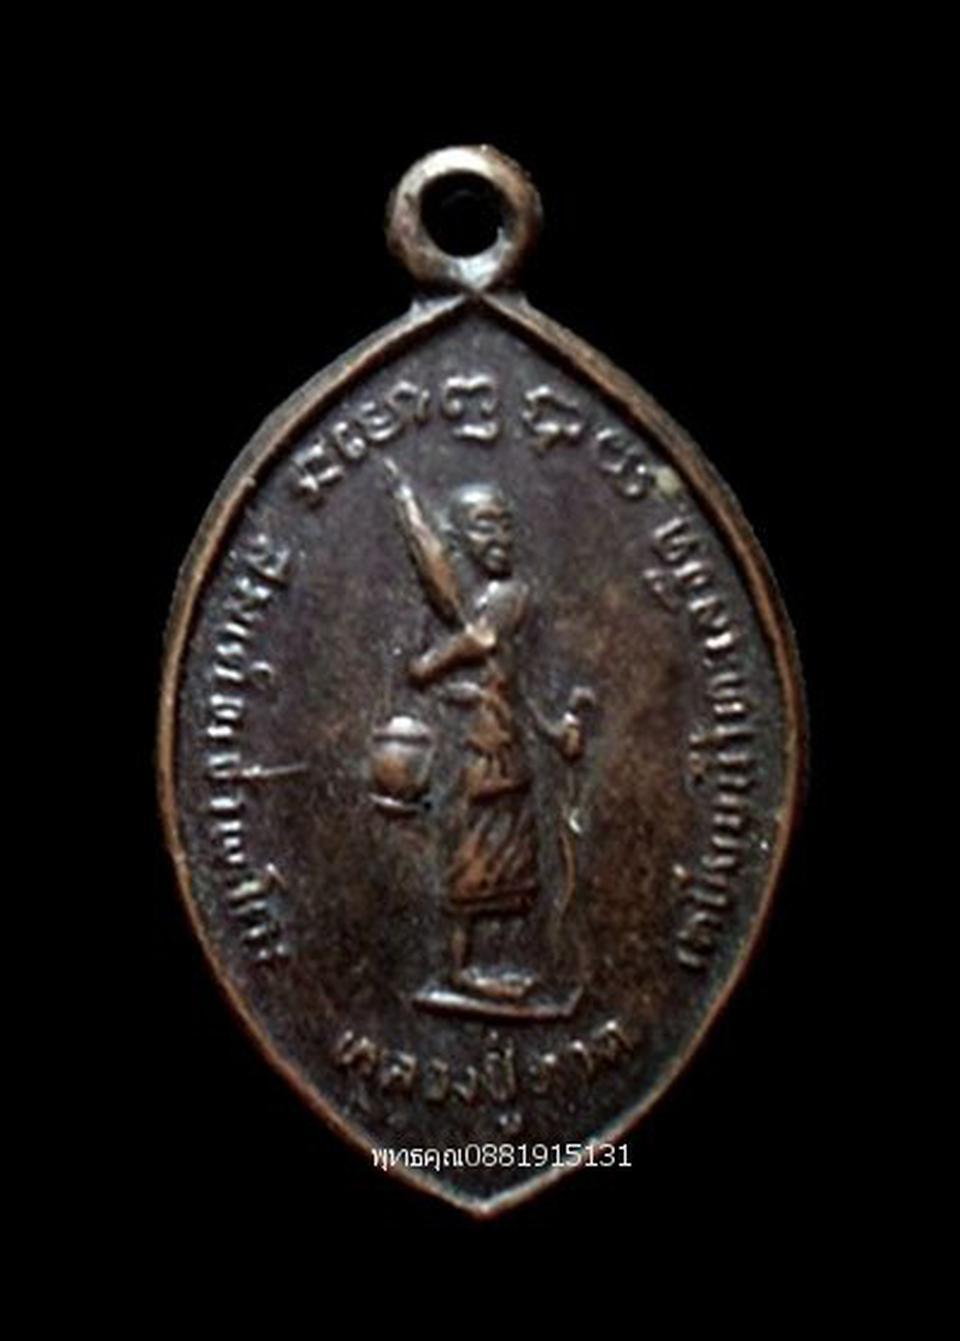 เหรียญหลวงปู่ทวดธุดงค์ วัดพะโคะ สงขลา รูปที่ 1